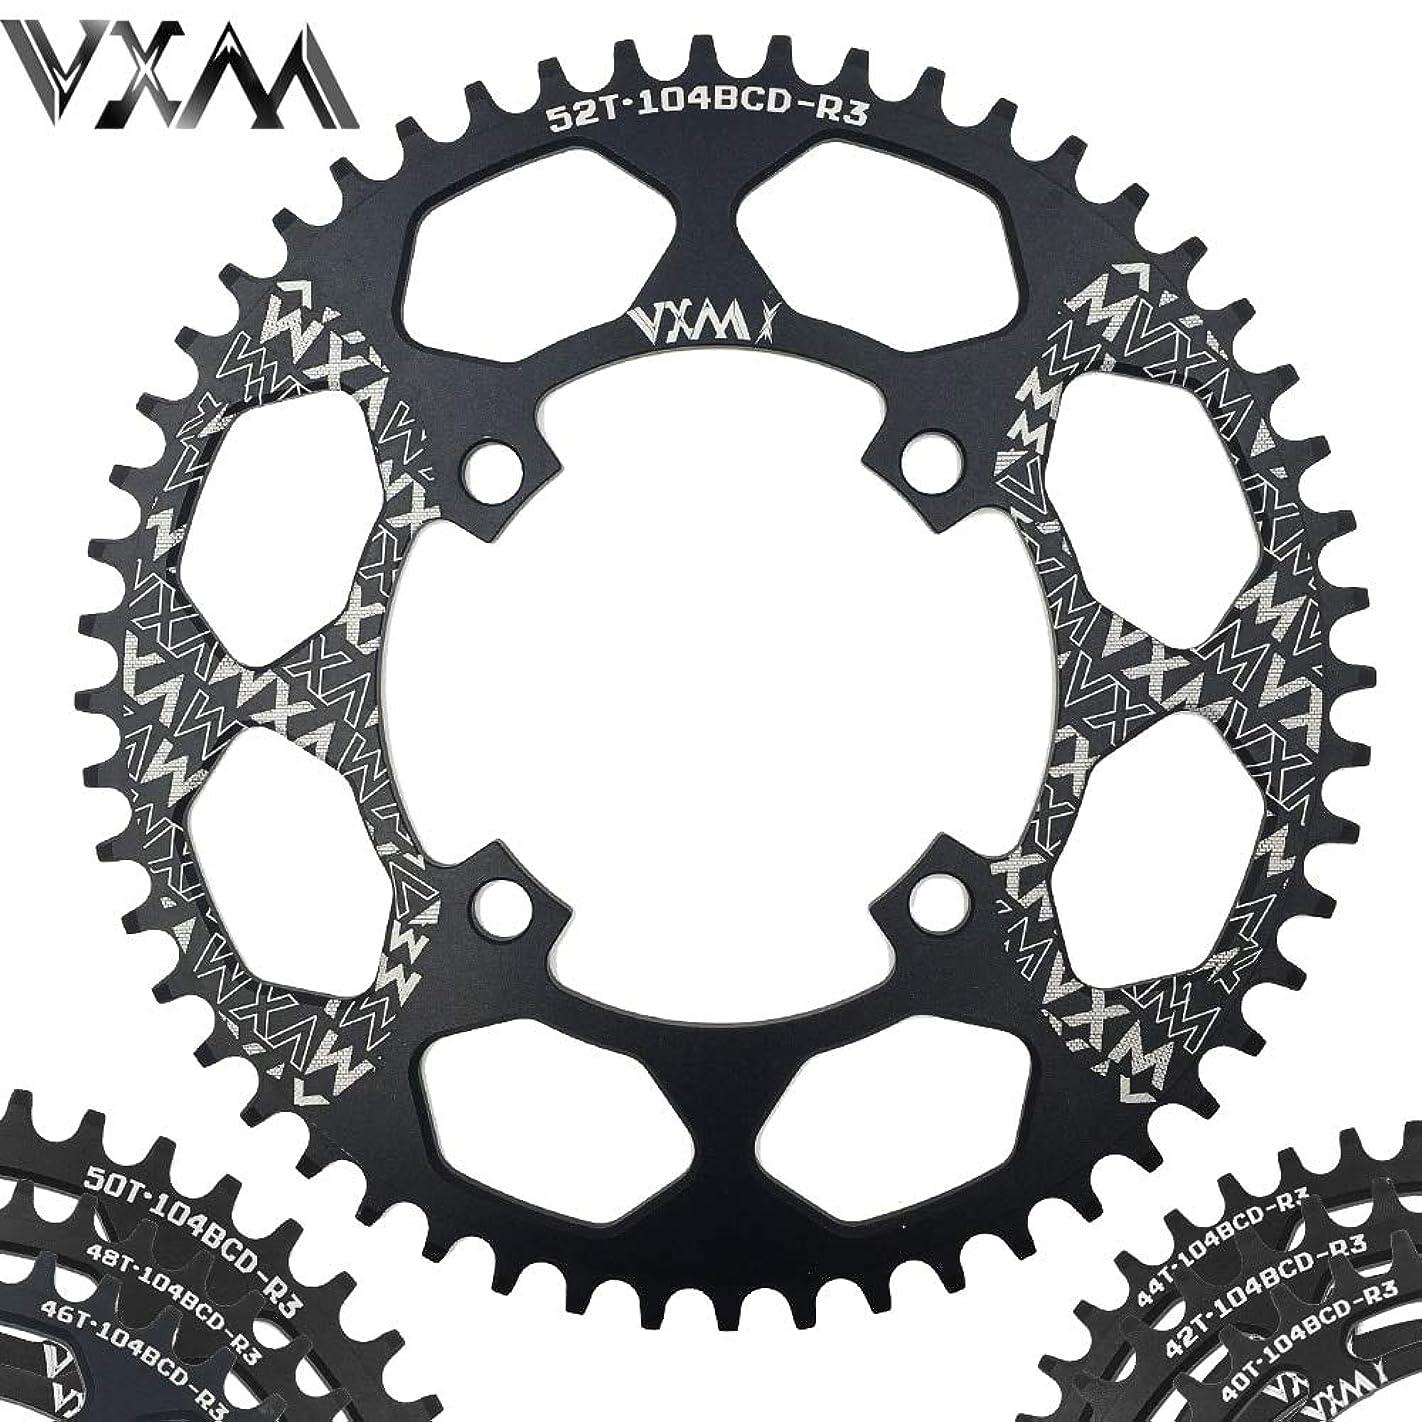 素晴らしいですローラーセーターPropenary - Bicycle Aluminum Chainring 104BCD 40T 42T 44T 46T 48T 50T 52T Mountain Bicycle Chainwheel Bike Crankset Bicycle Parts [ 104BCD 48T ]